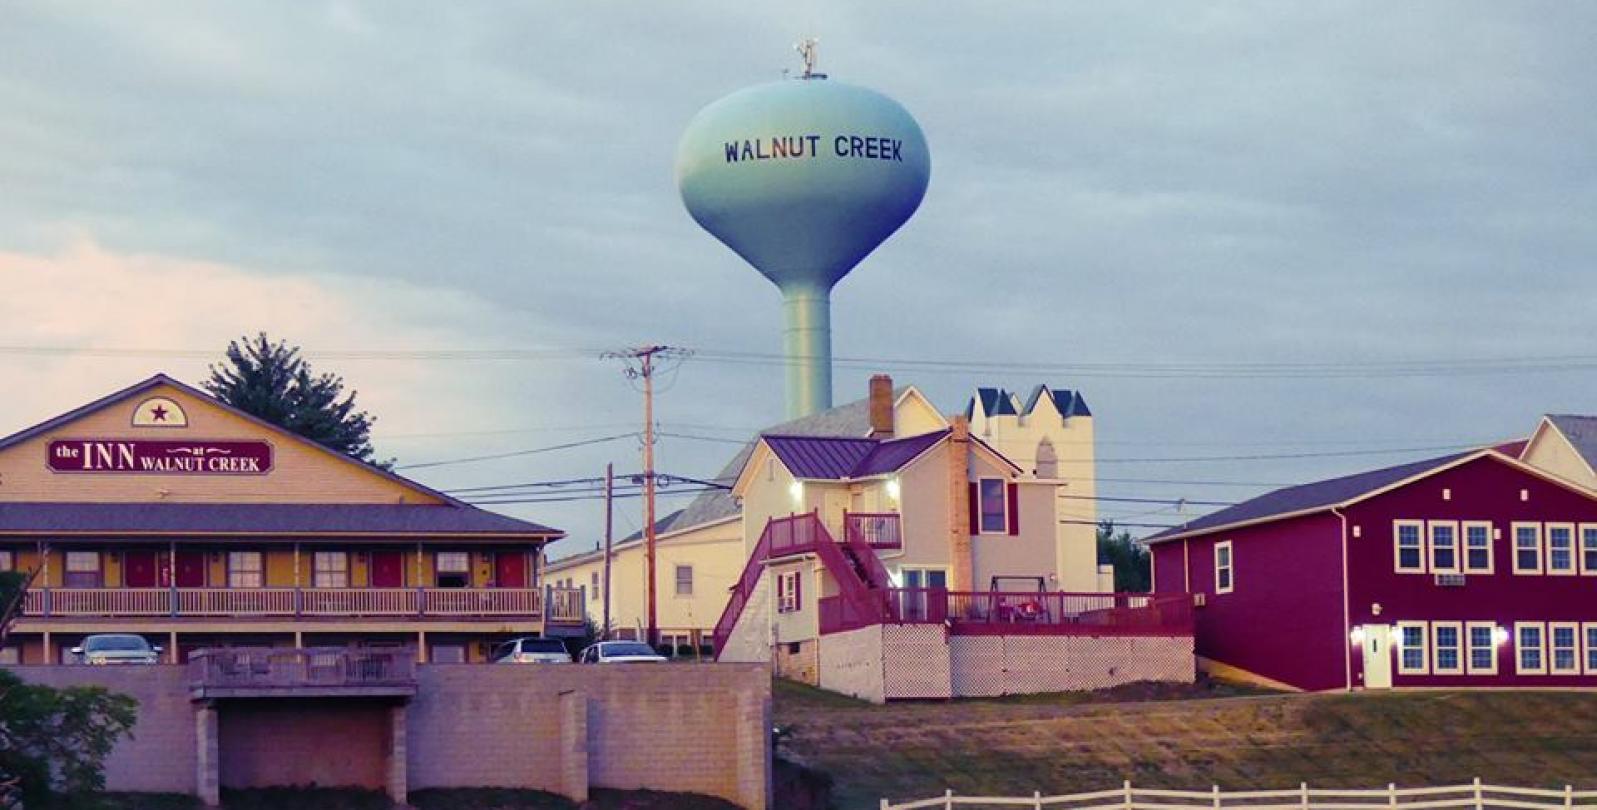 The Inn at Walnut Creek